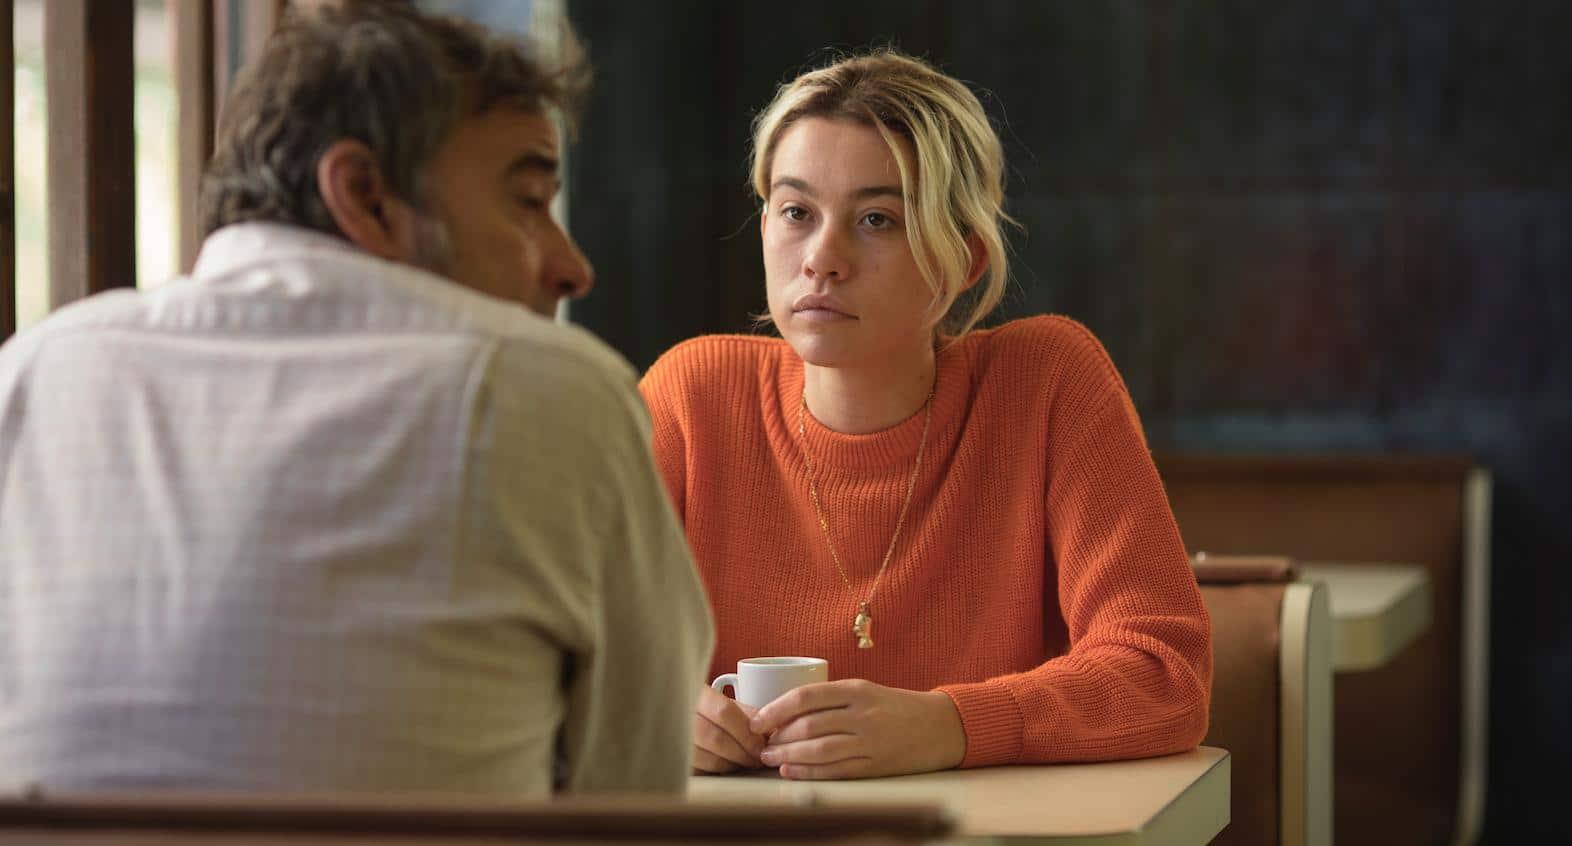 La hija de un ladrón recensione film di Belén Funes con Greta Fernández